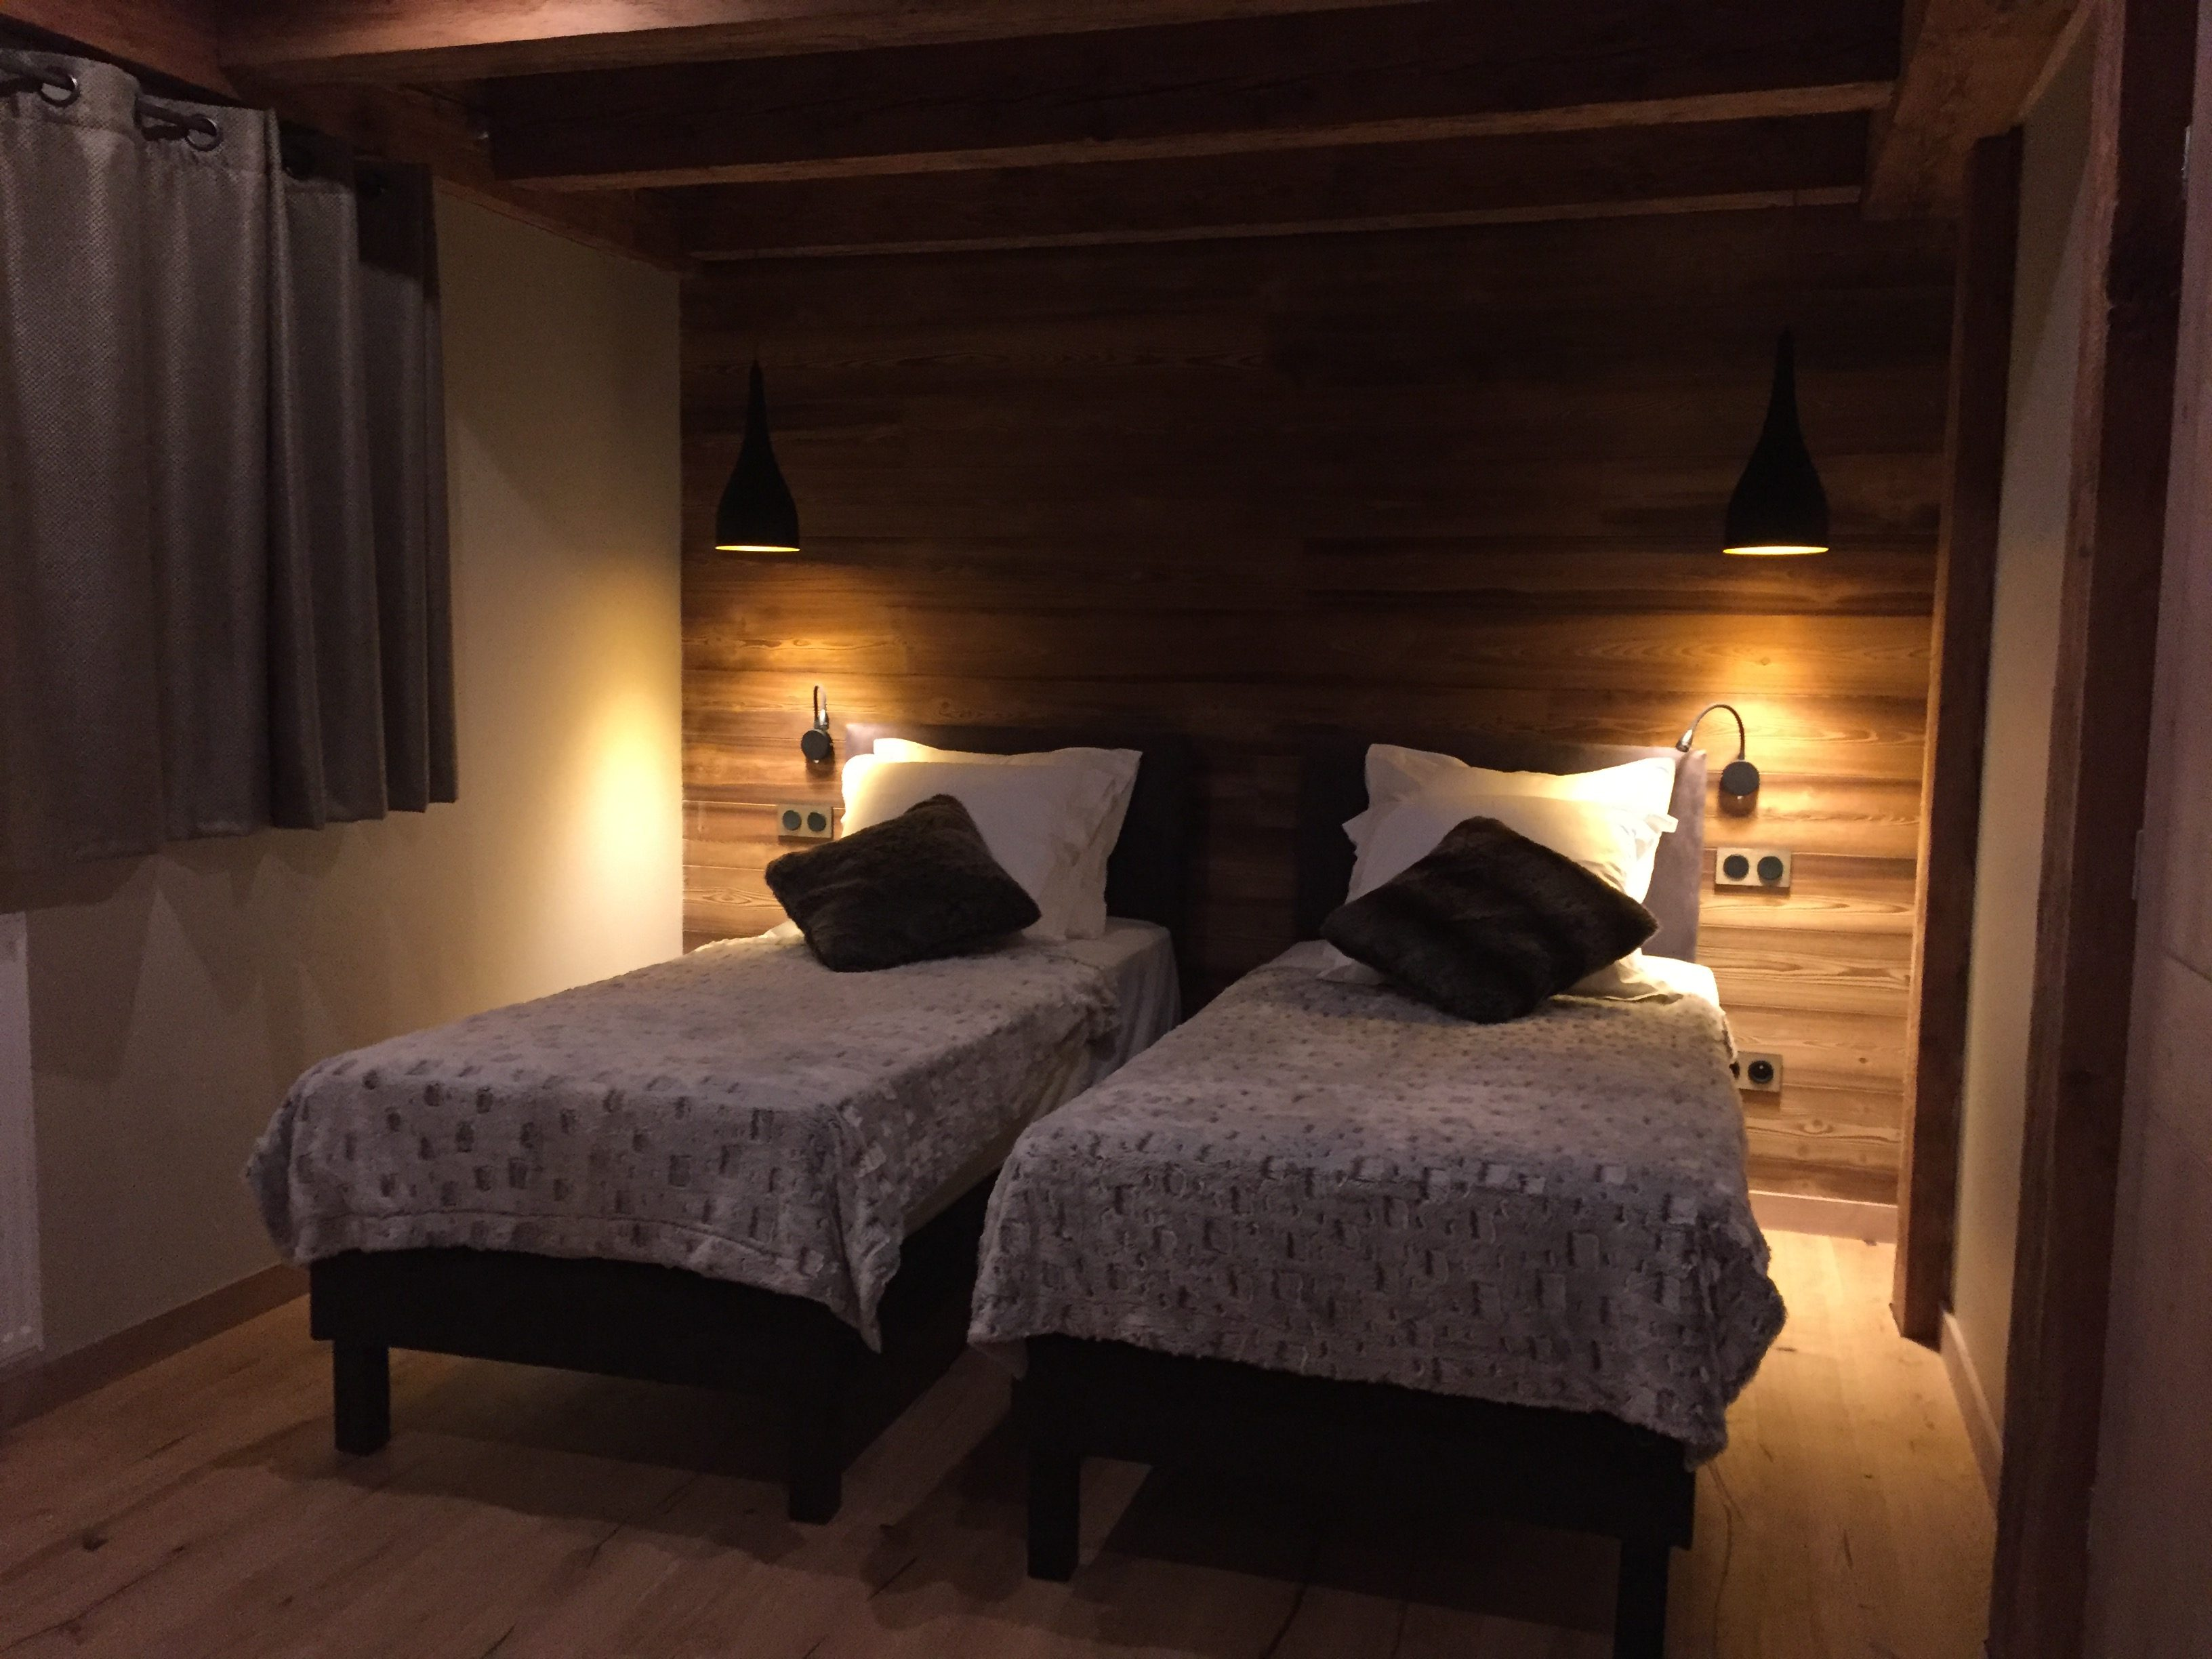 Chambre la tête de l'Ars - maison d'hôtes - chambre d'hôtes - la ferme d'en haut - Saint-Jean-de-Sixt - la Clusaz - le Grand-Bornand